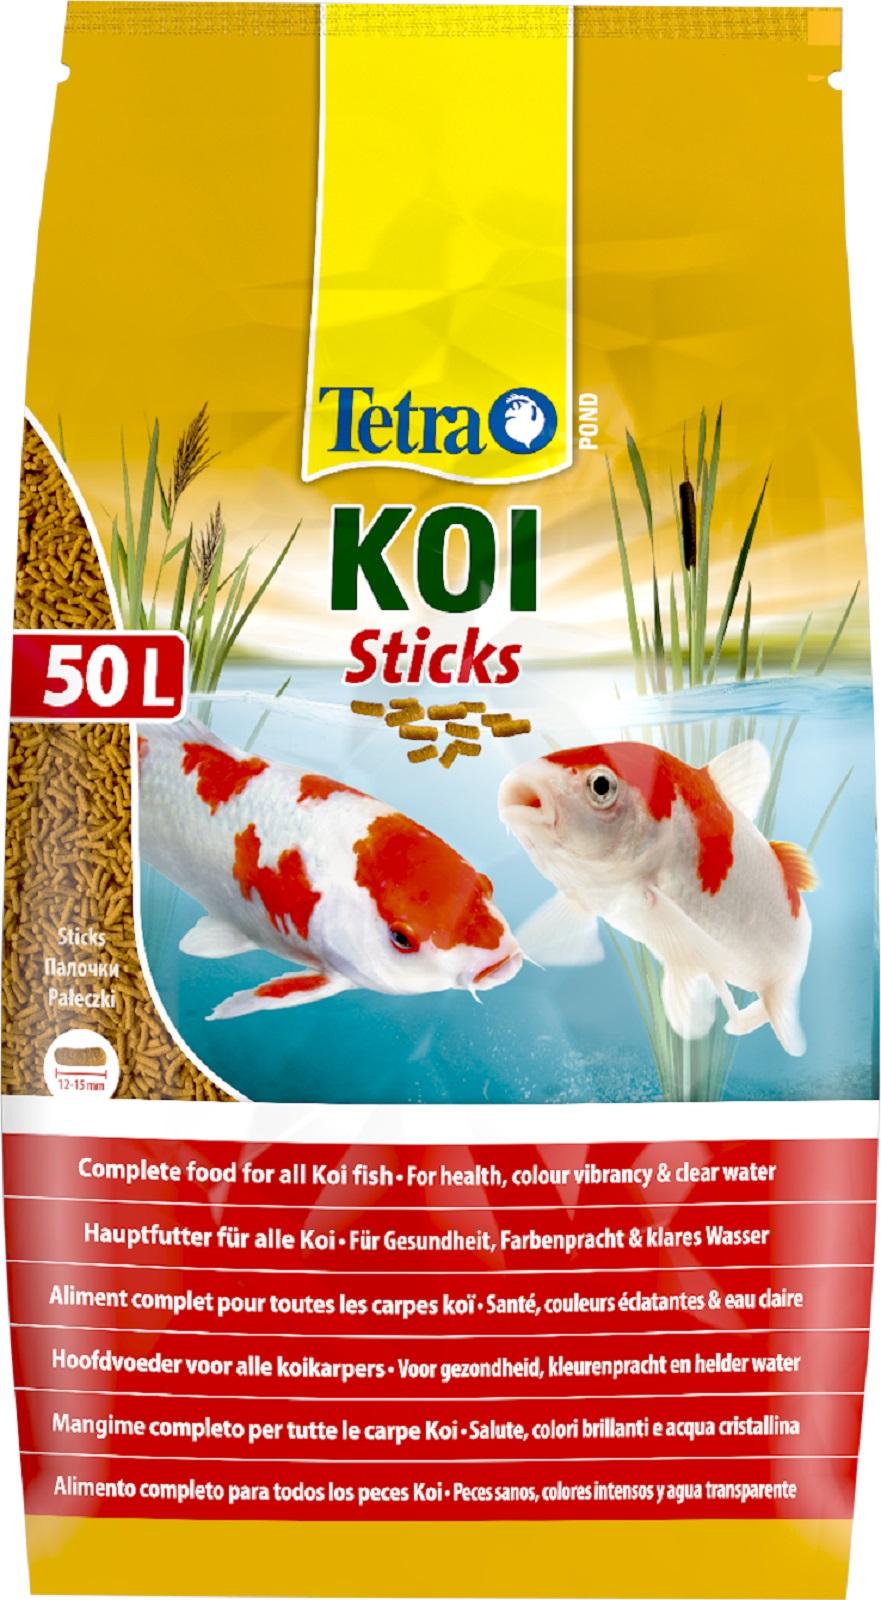 Tetra Pond  Koi Sticks Fischfutter Hauptfutter 50 Liter